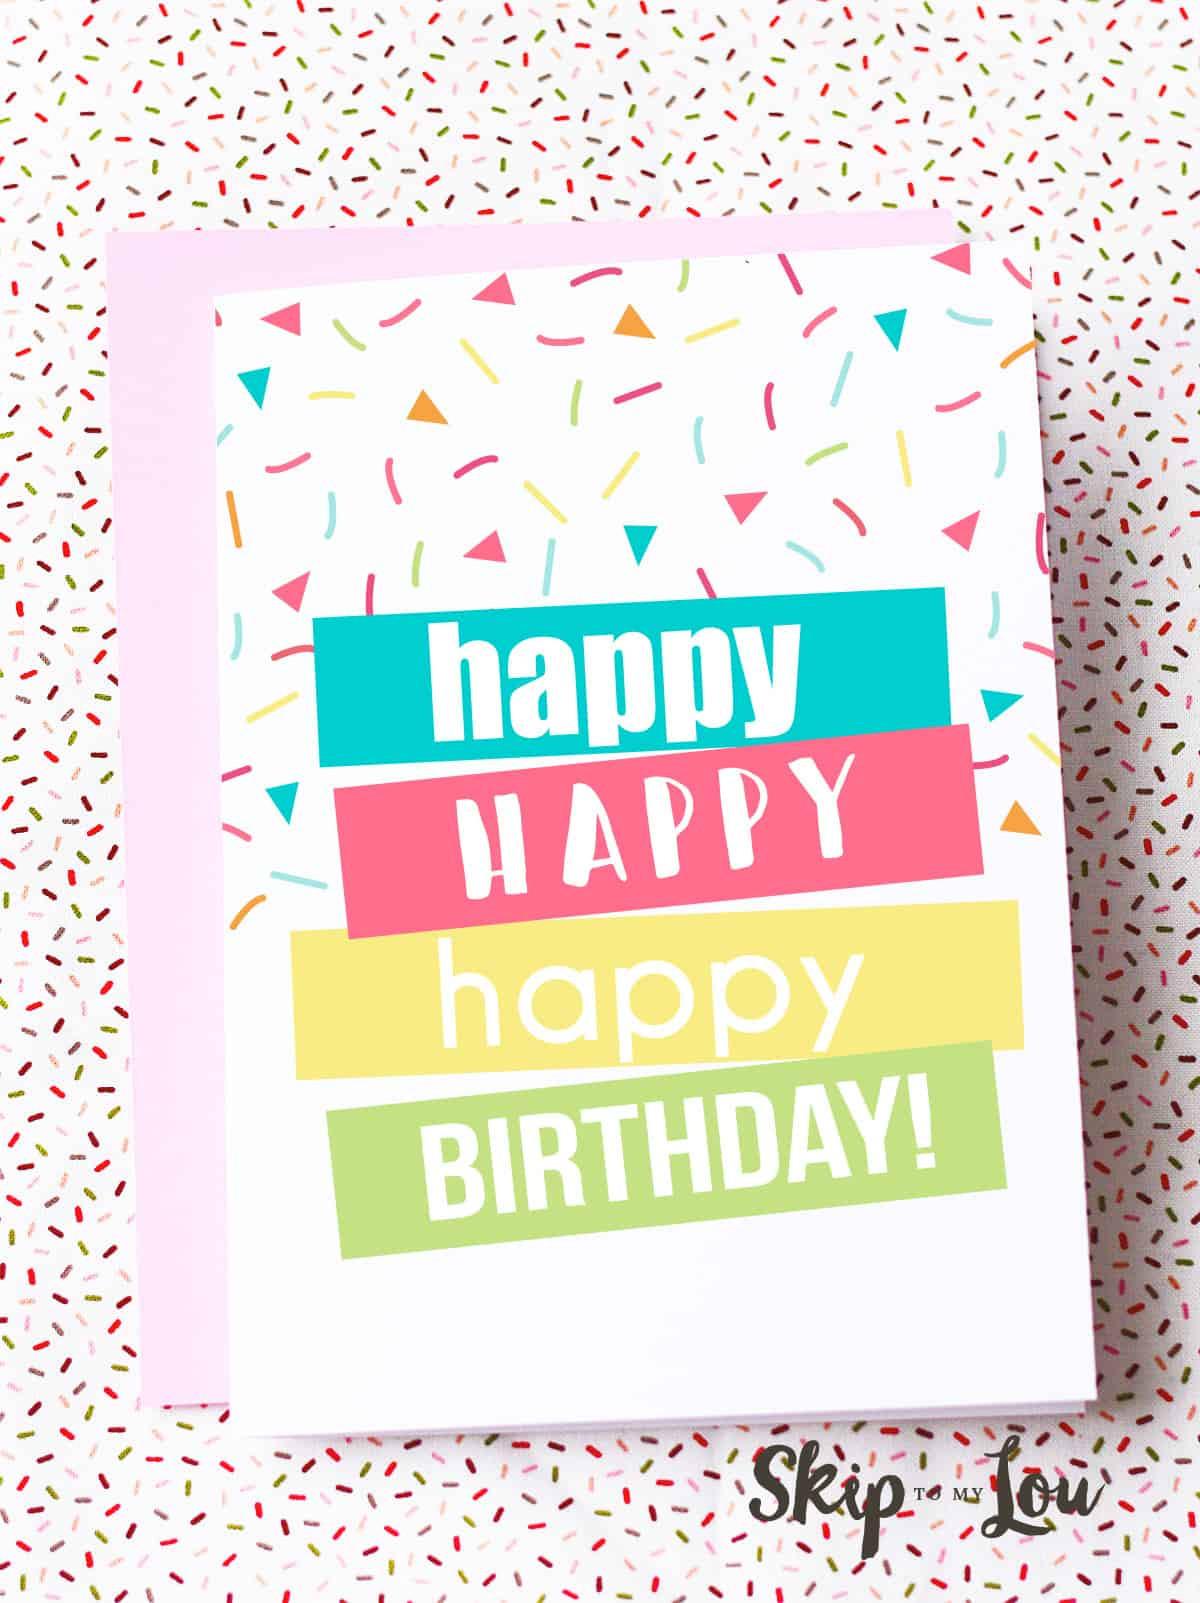 Free Printable Kids Birthday Cards  Free Printable Birthday Cards